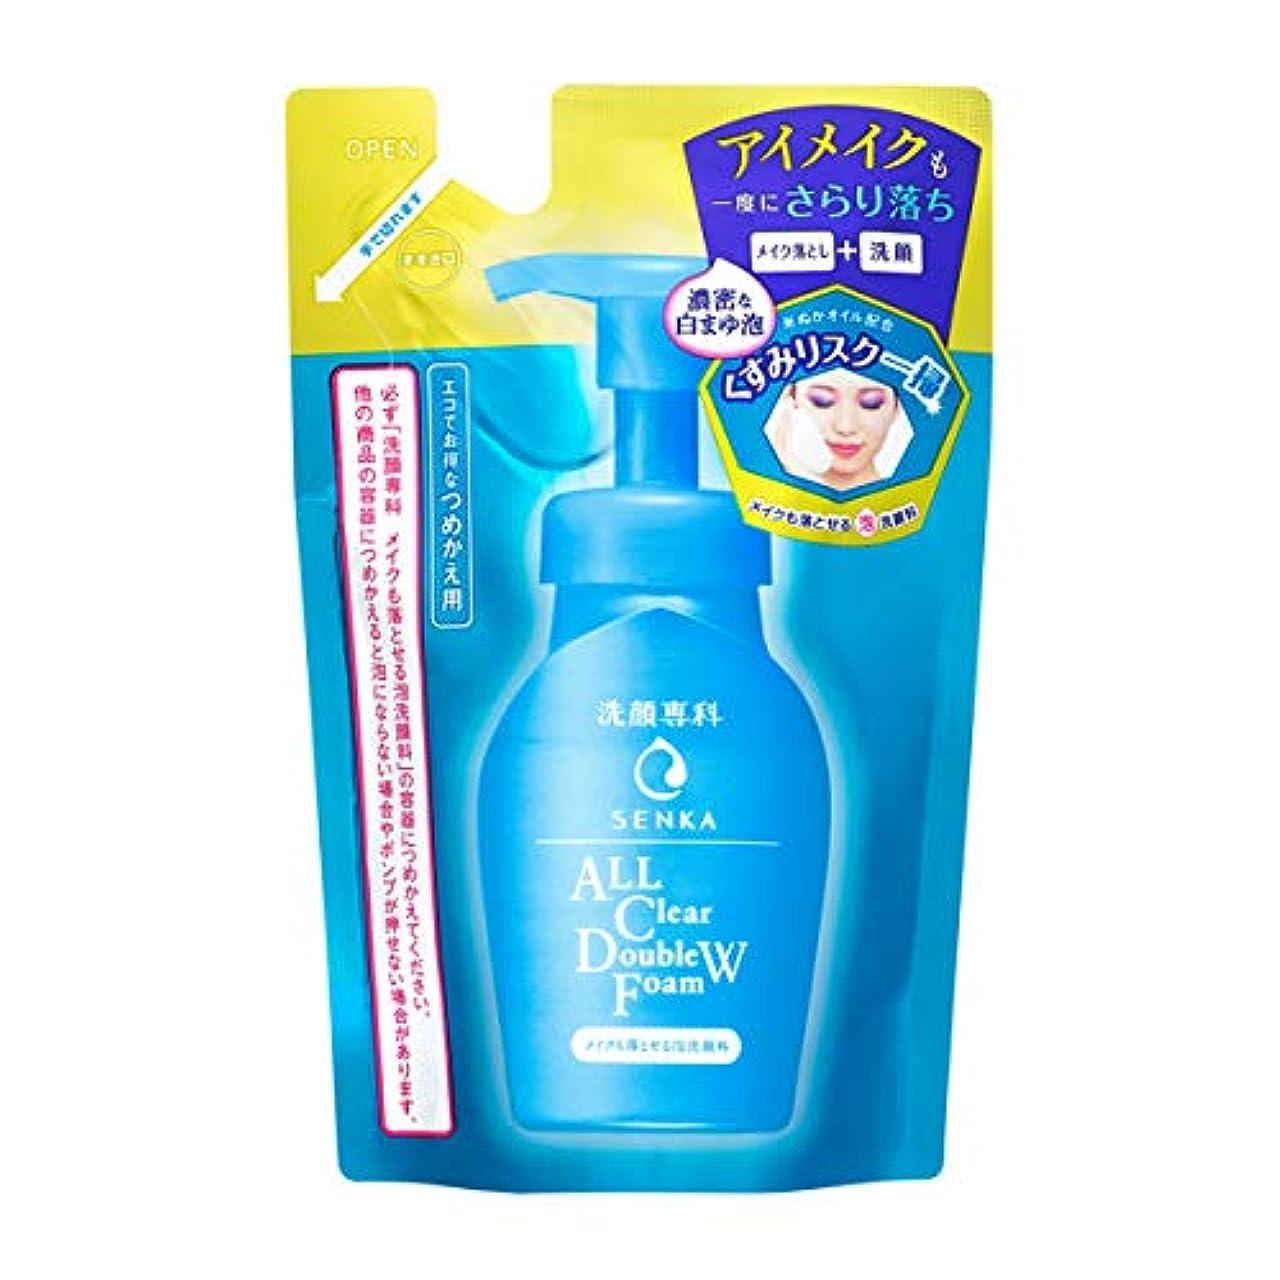 ひも残高請求書洗顔専科 メイクも落とせる泡洗顔料 つめかえ用 130ml やさしく香るみずみずしいフローラルの香り